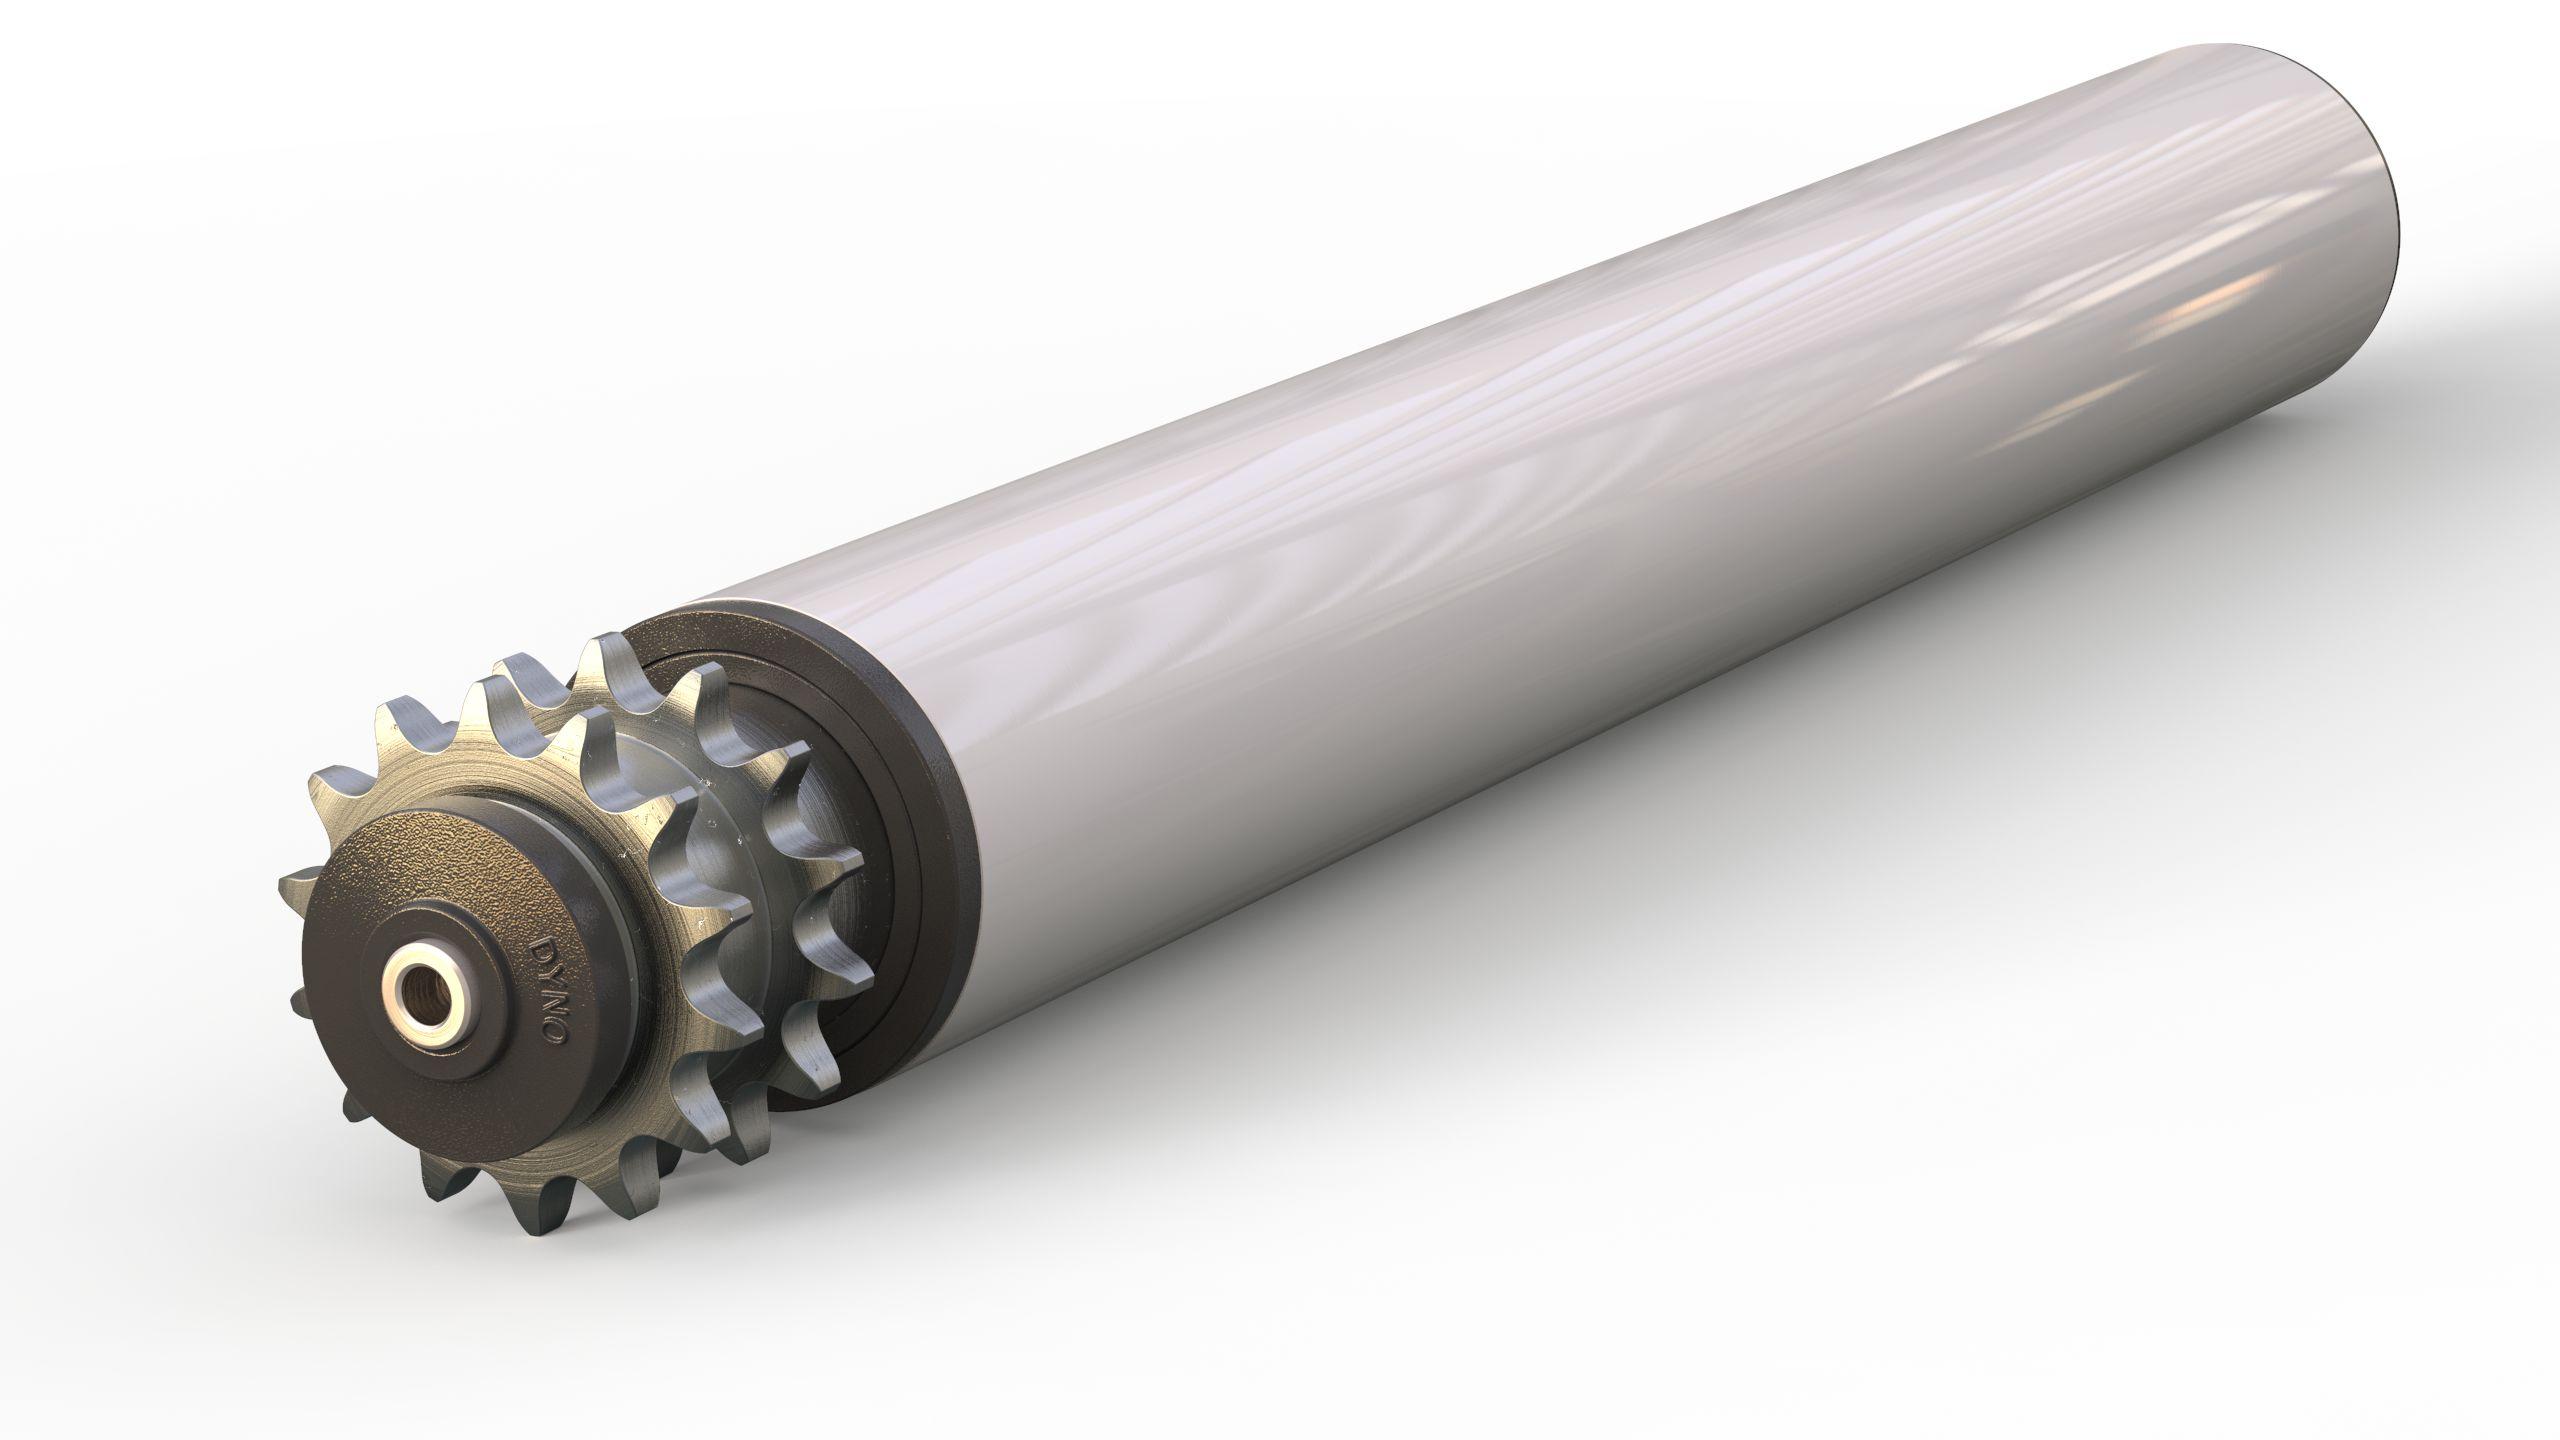 Chain Sprocket Roller Dyno Conveyors Roller Belt